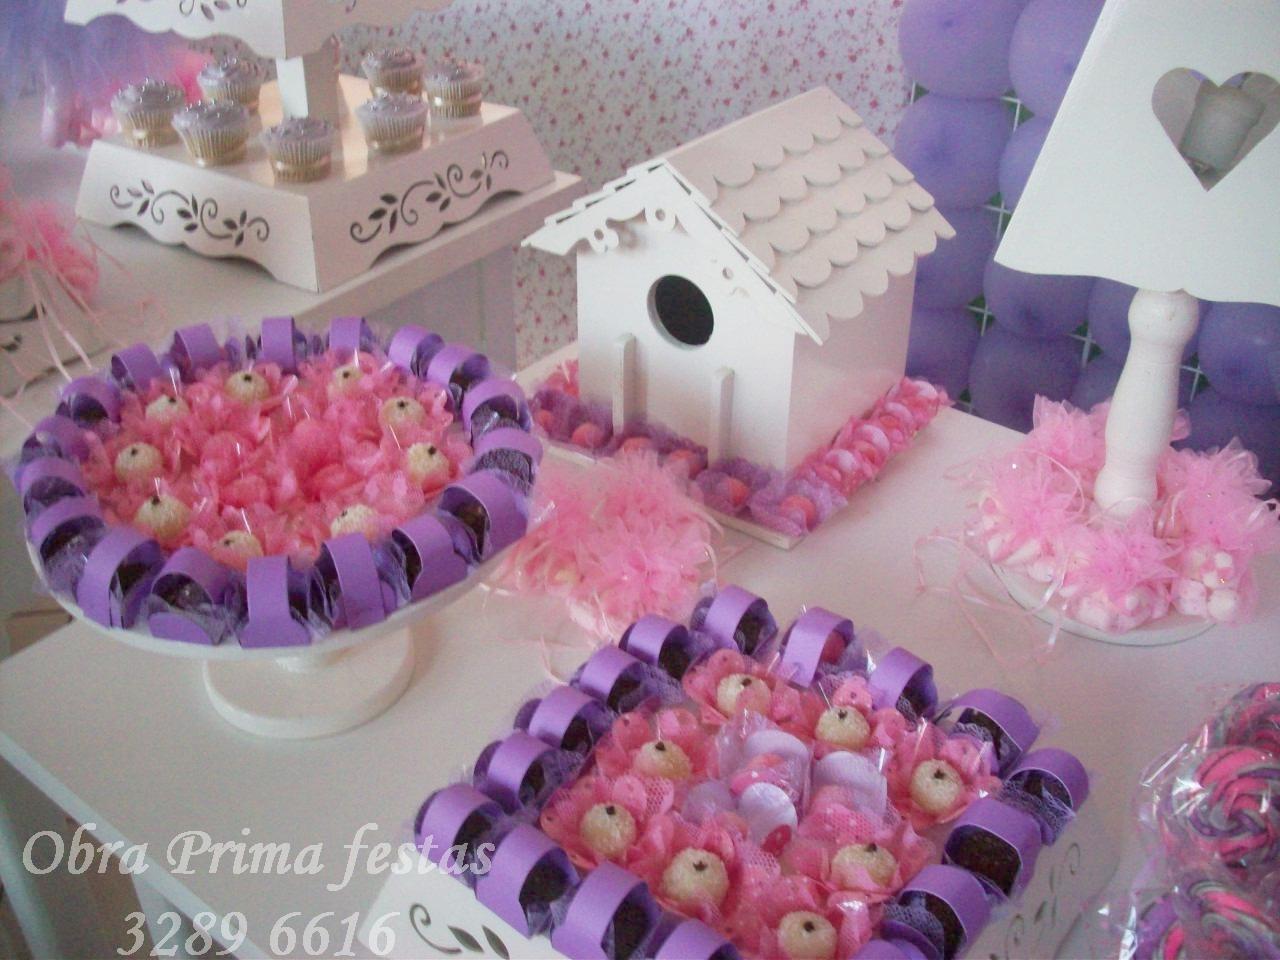 aluguel de mesa jardim guanabara:Obra Prima festas e decorações: Julho 2012